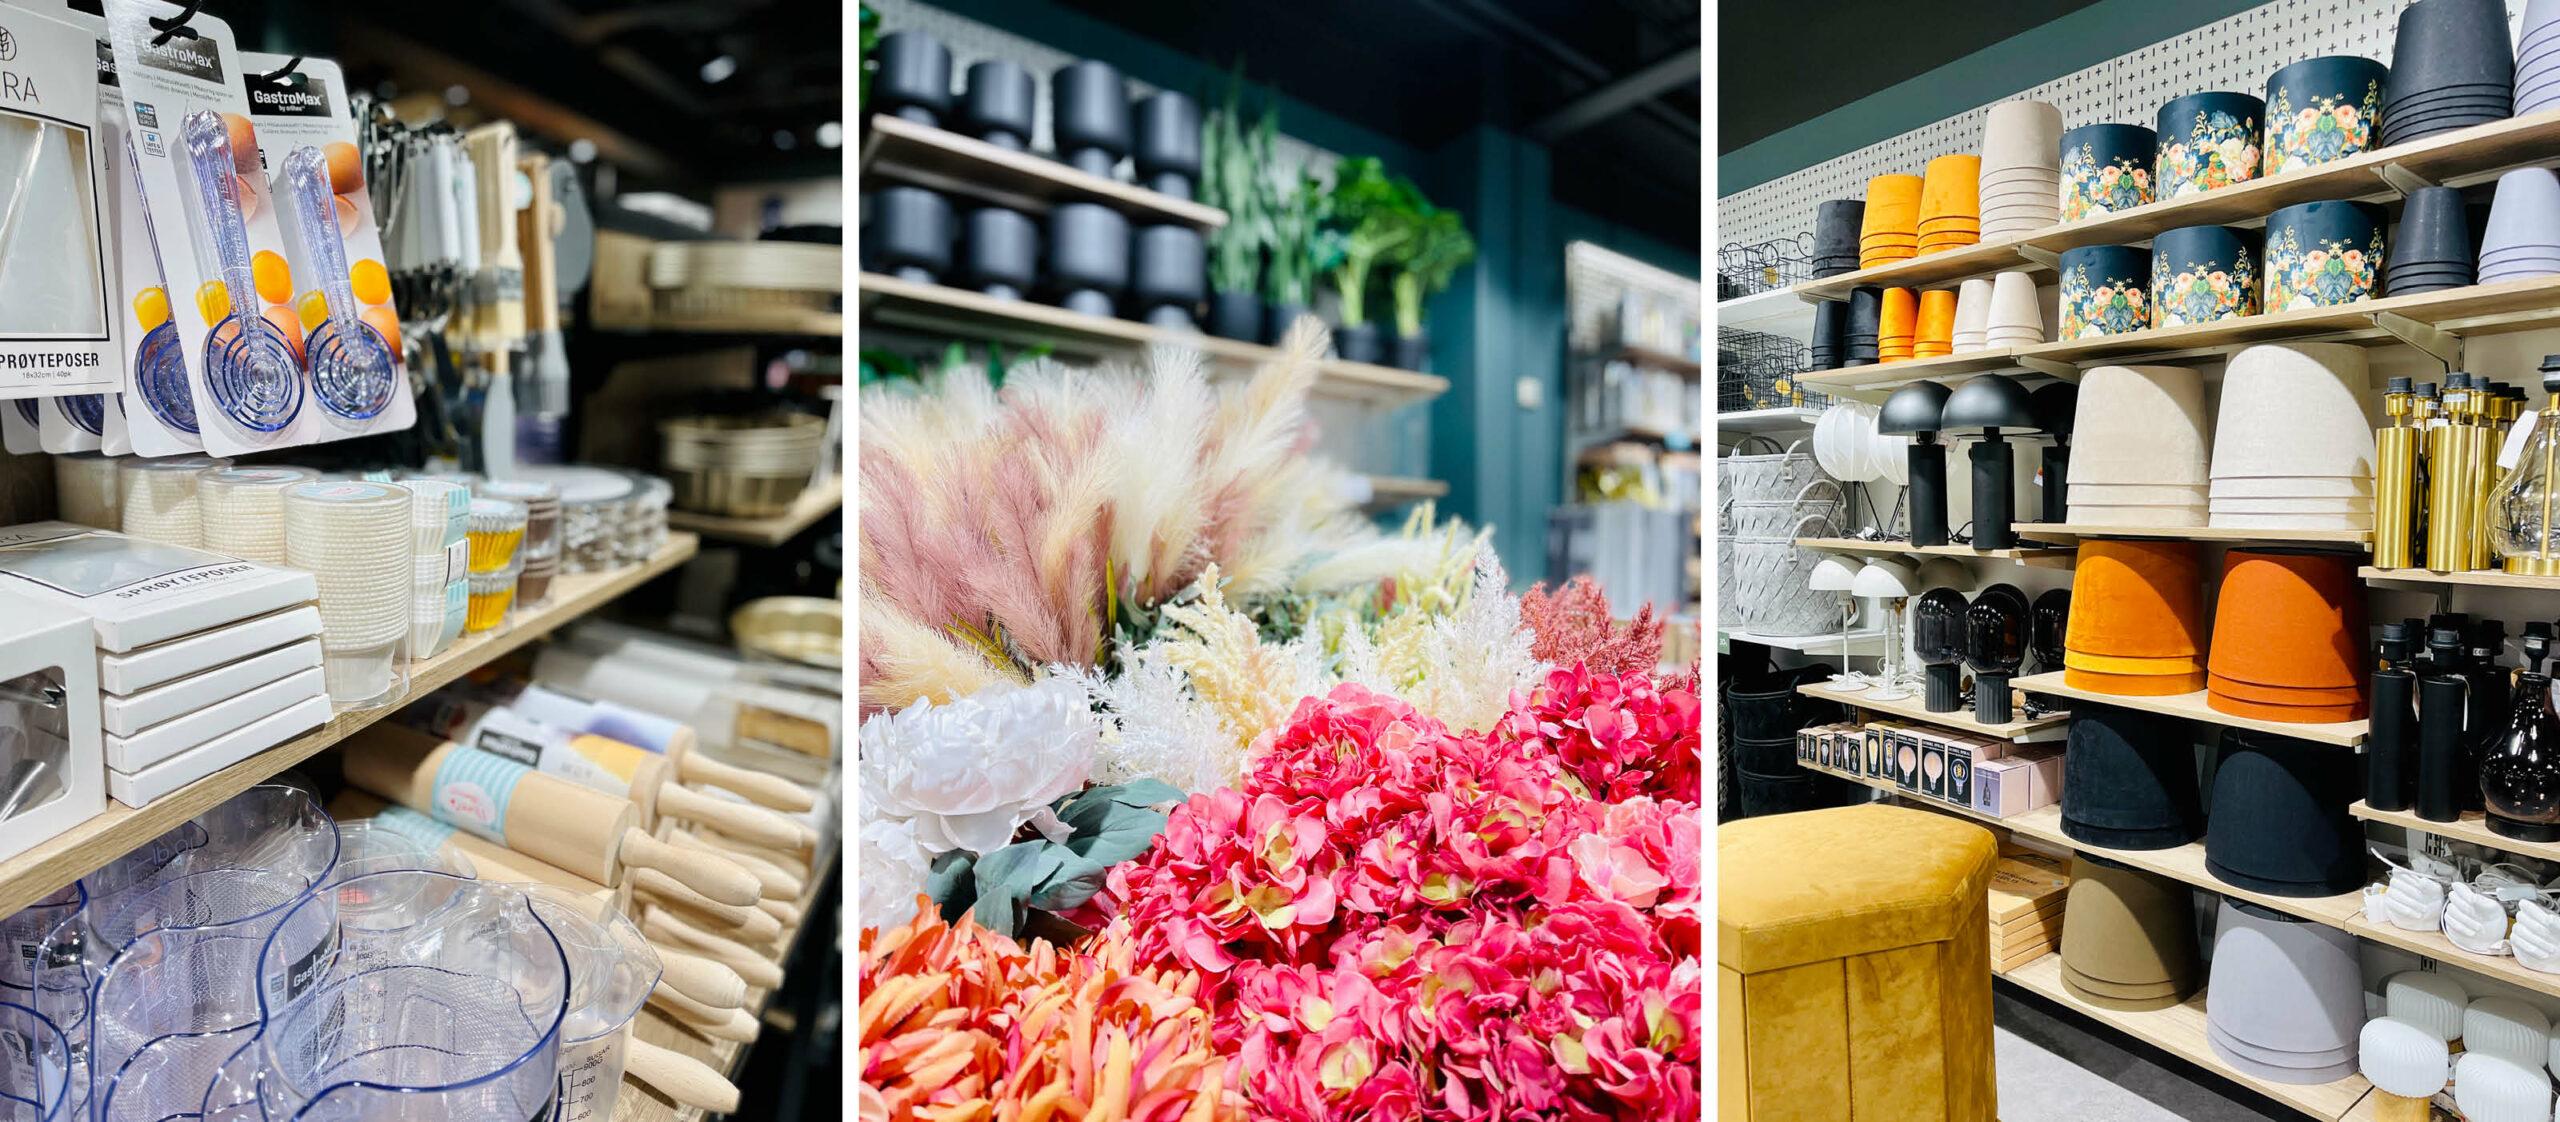 Kjøkkenvarer og interiør hos Nille